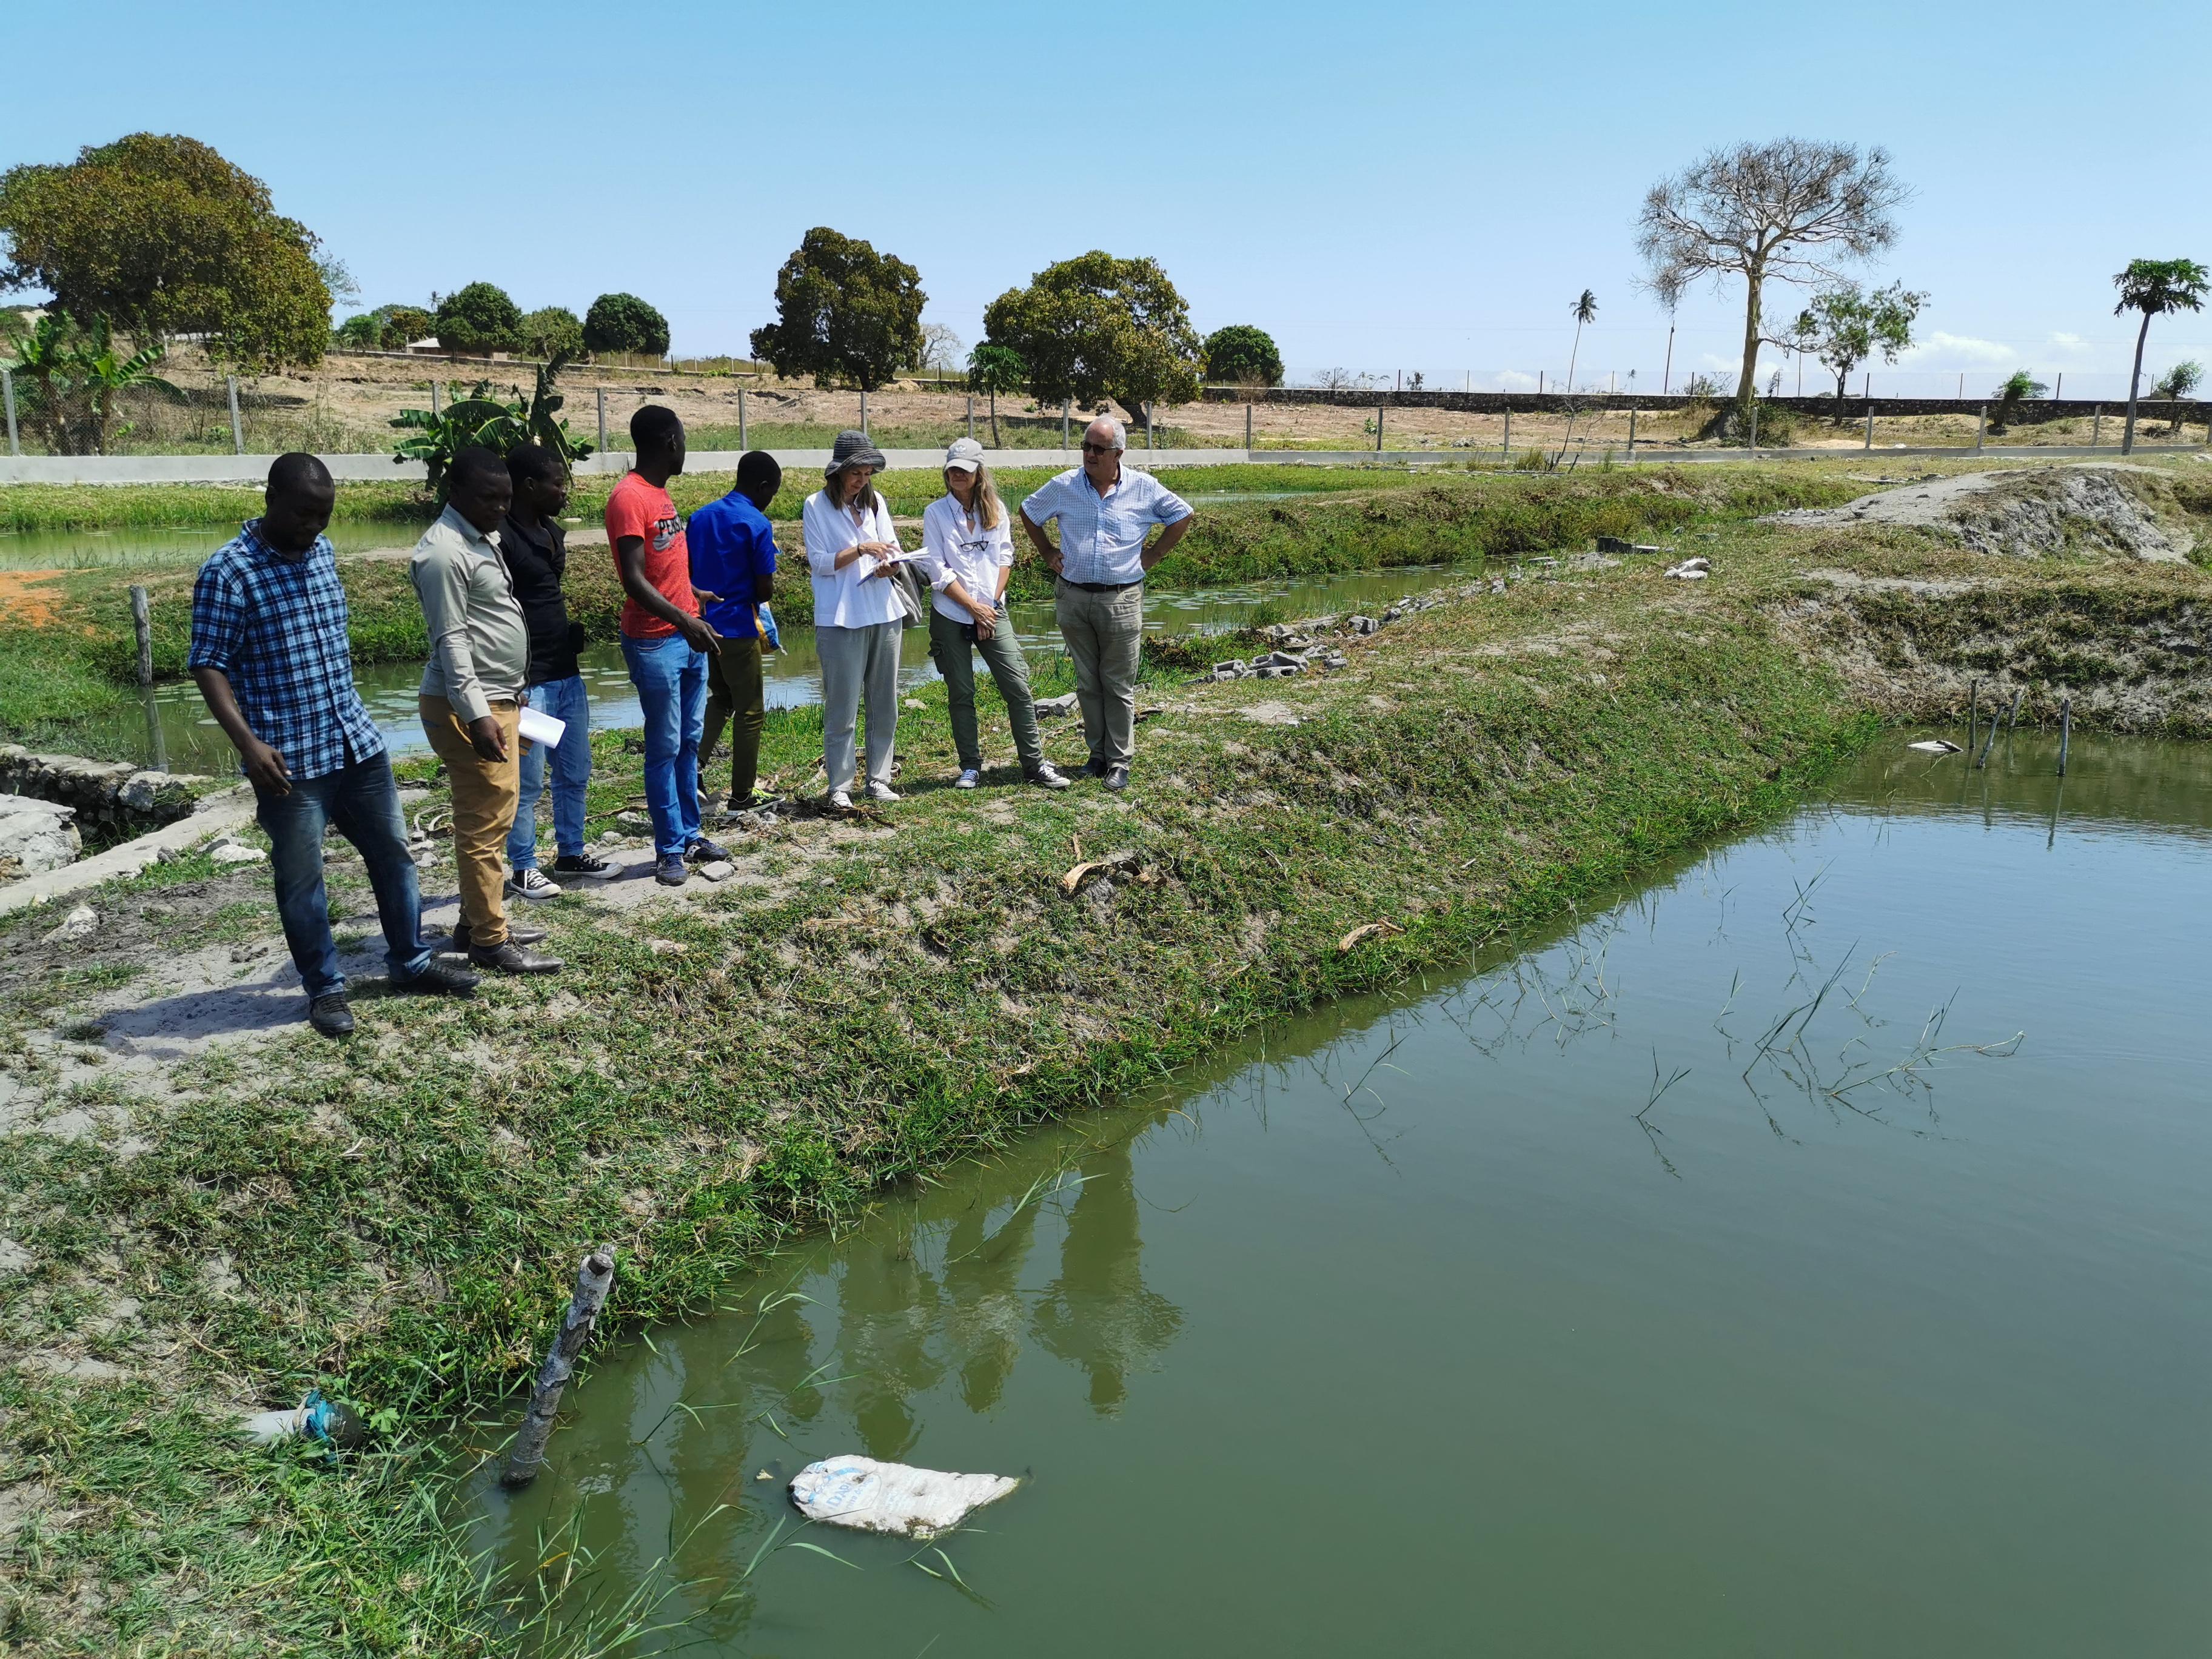 Equipamiento para la Implementación del curso de F. P. en náutica, pesca, acuicultura y buceo en el Instituto Politécnico de Nacuxa.